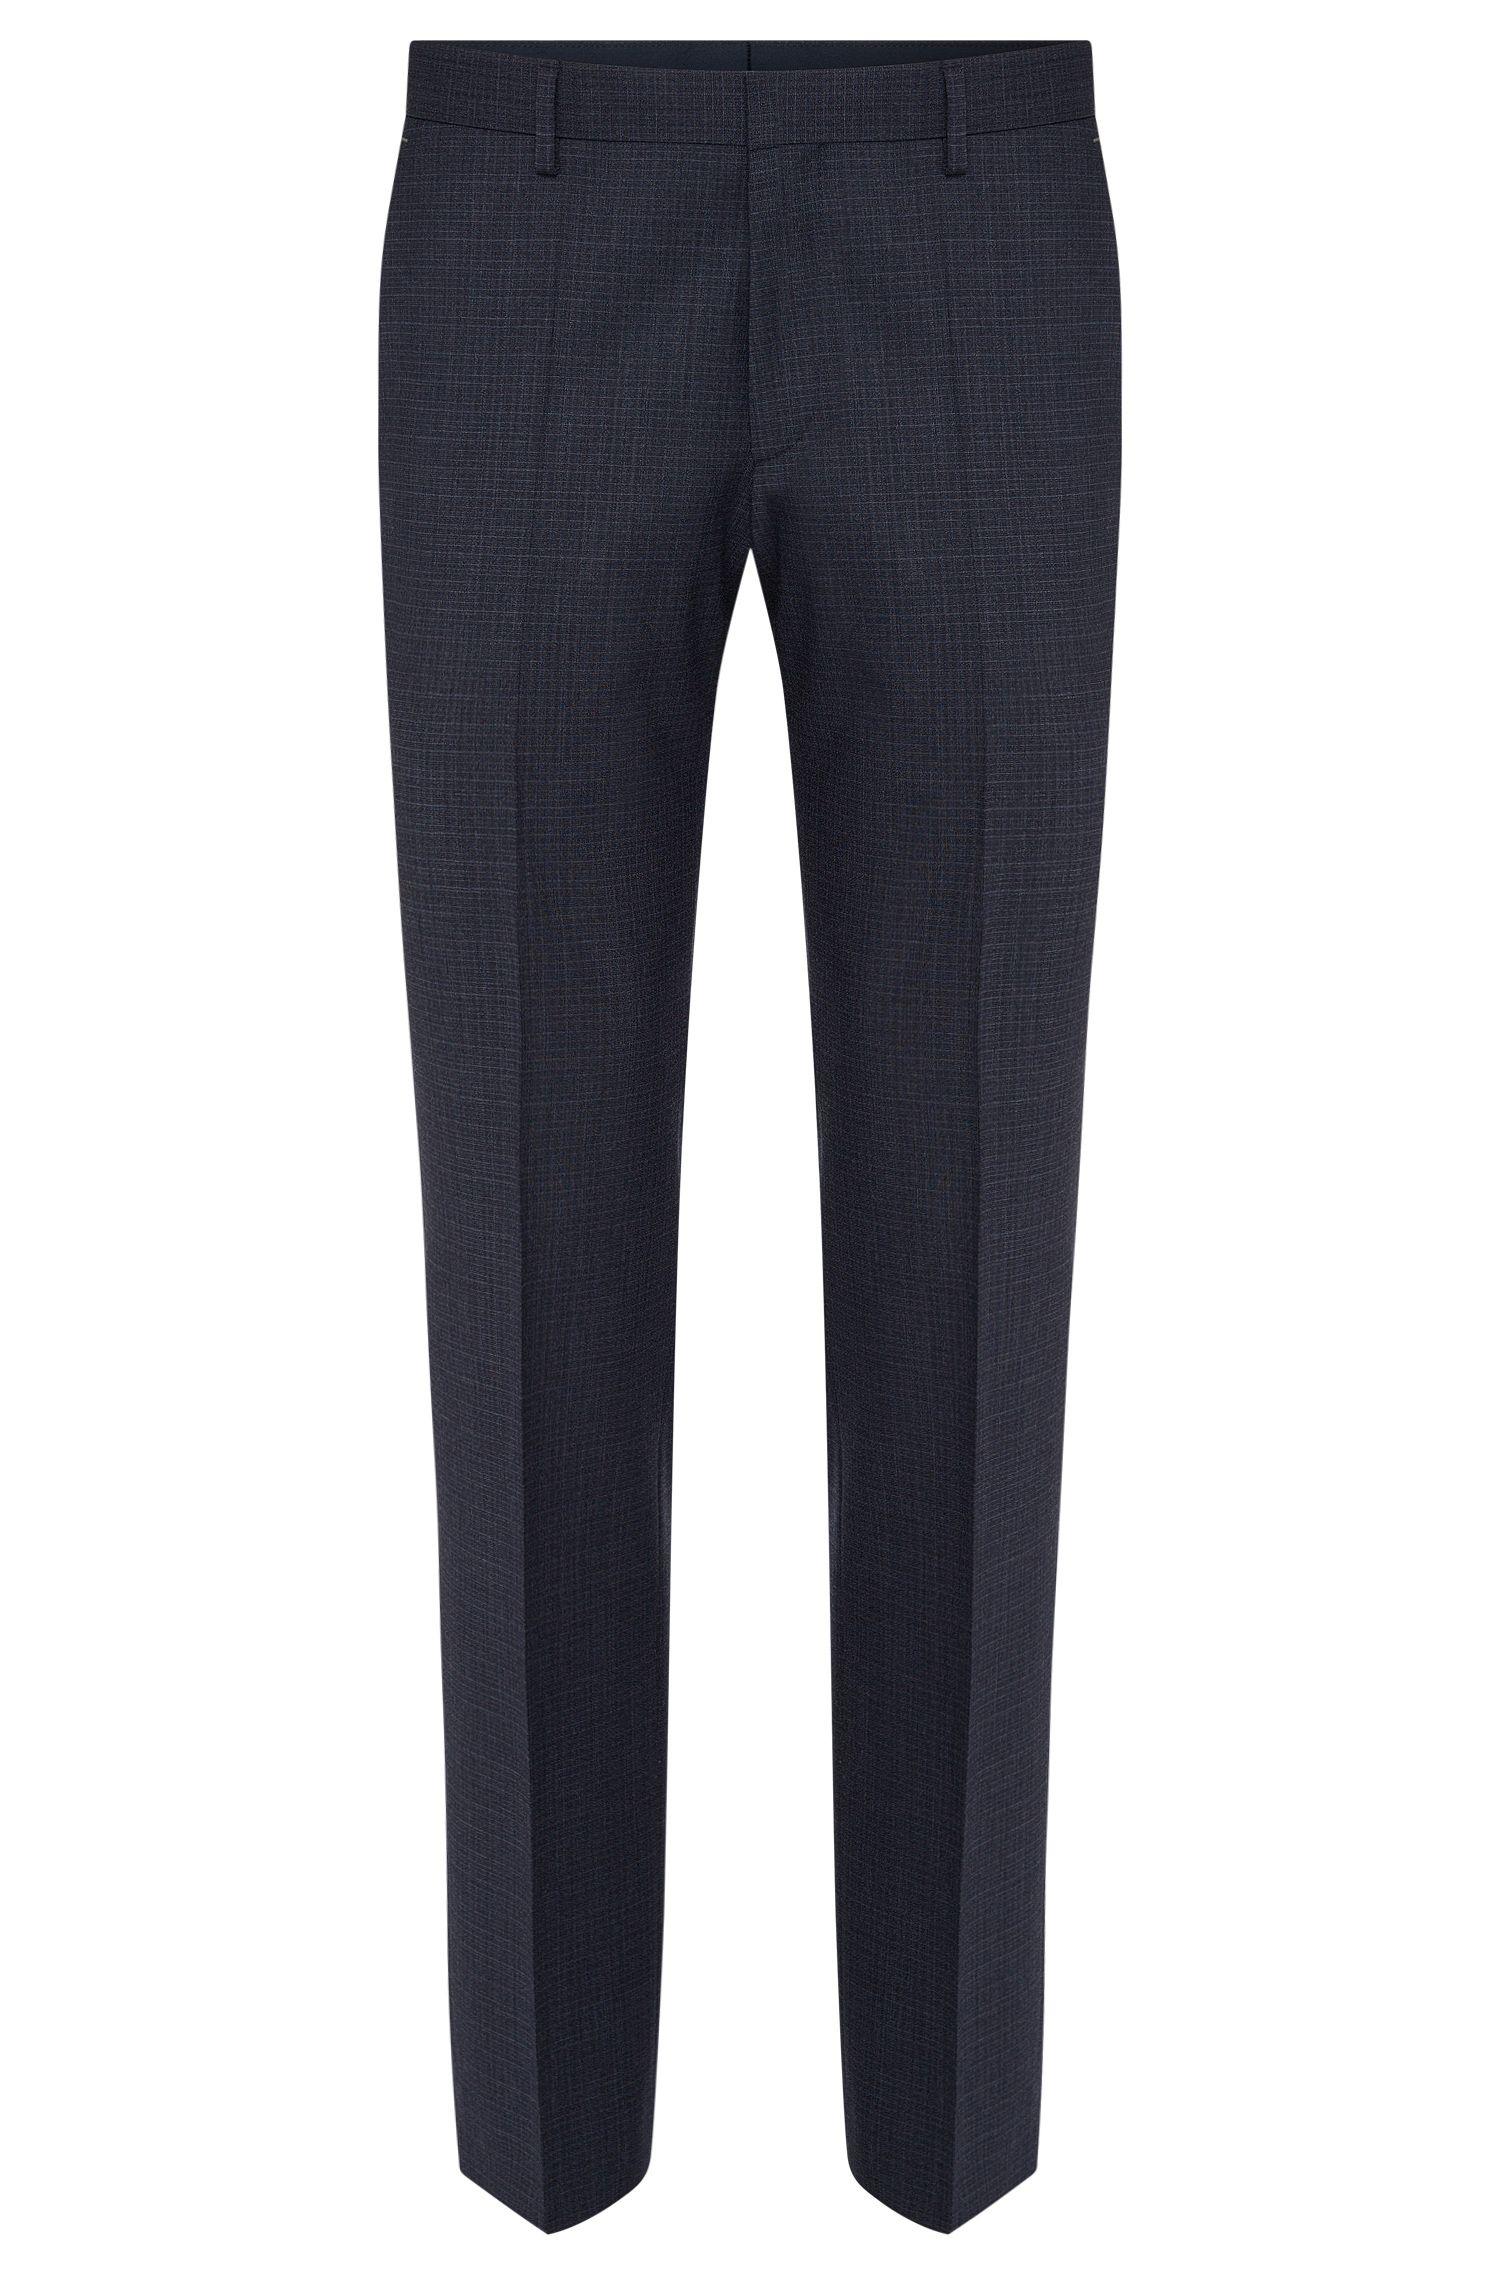 'Genesis' | Slim Fit, Stretch Virgin Wool Patterned Dress Pants